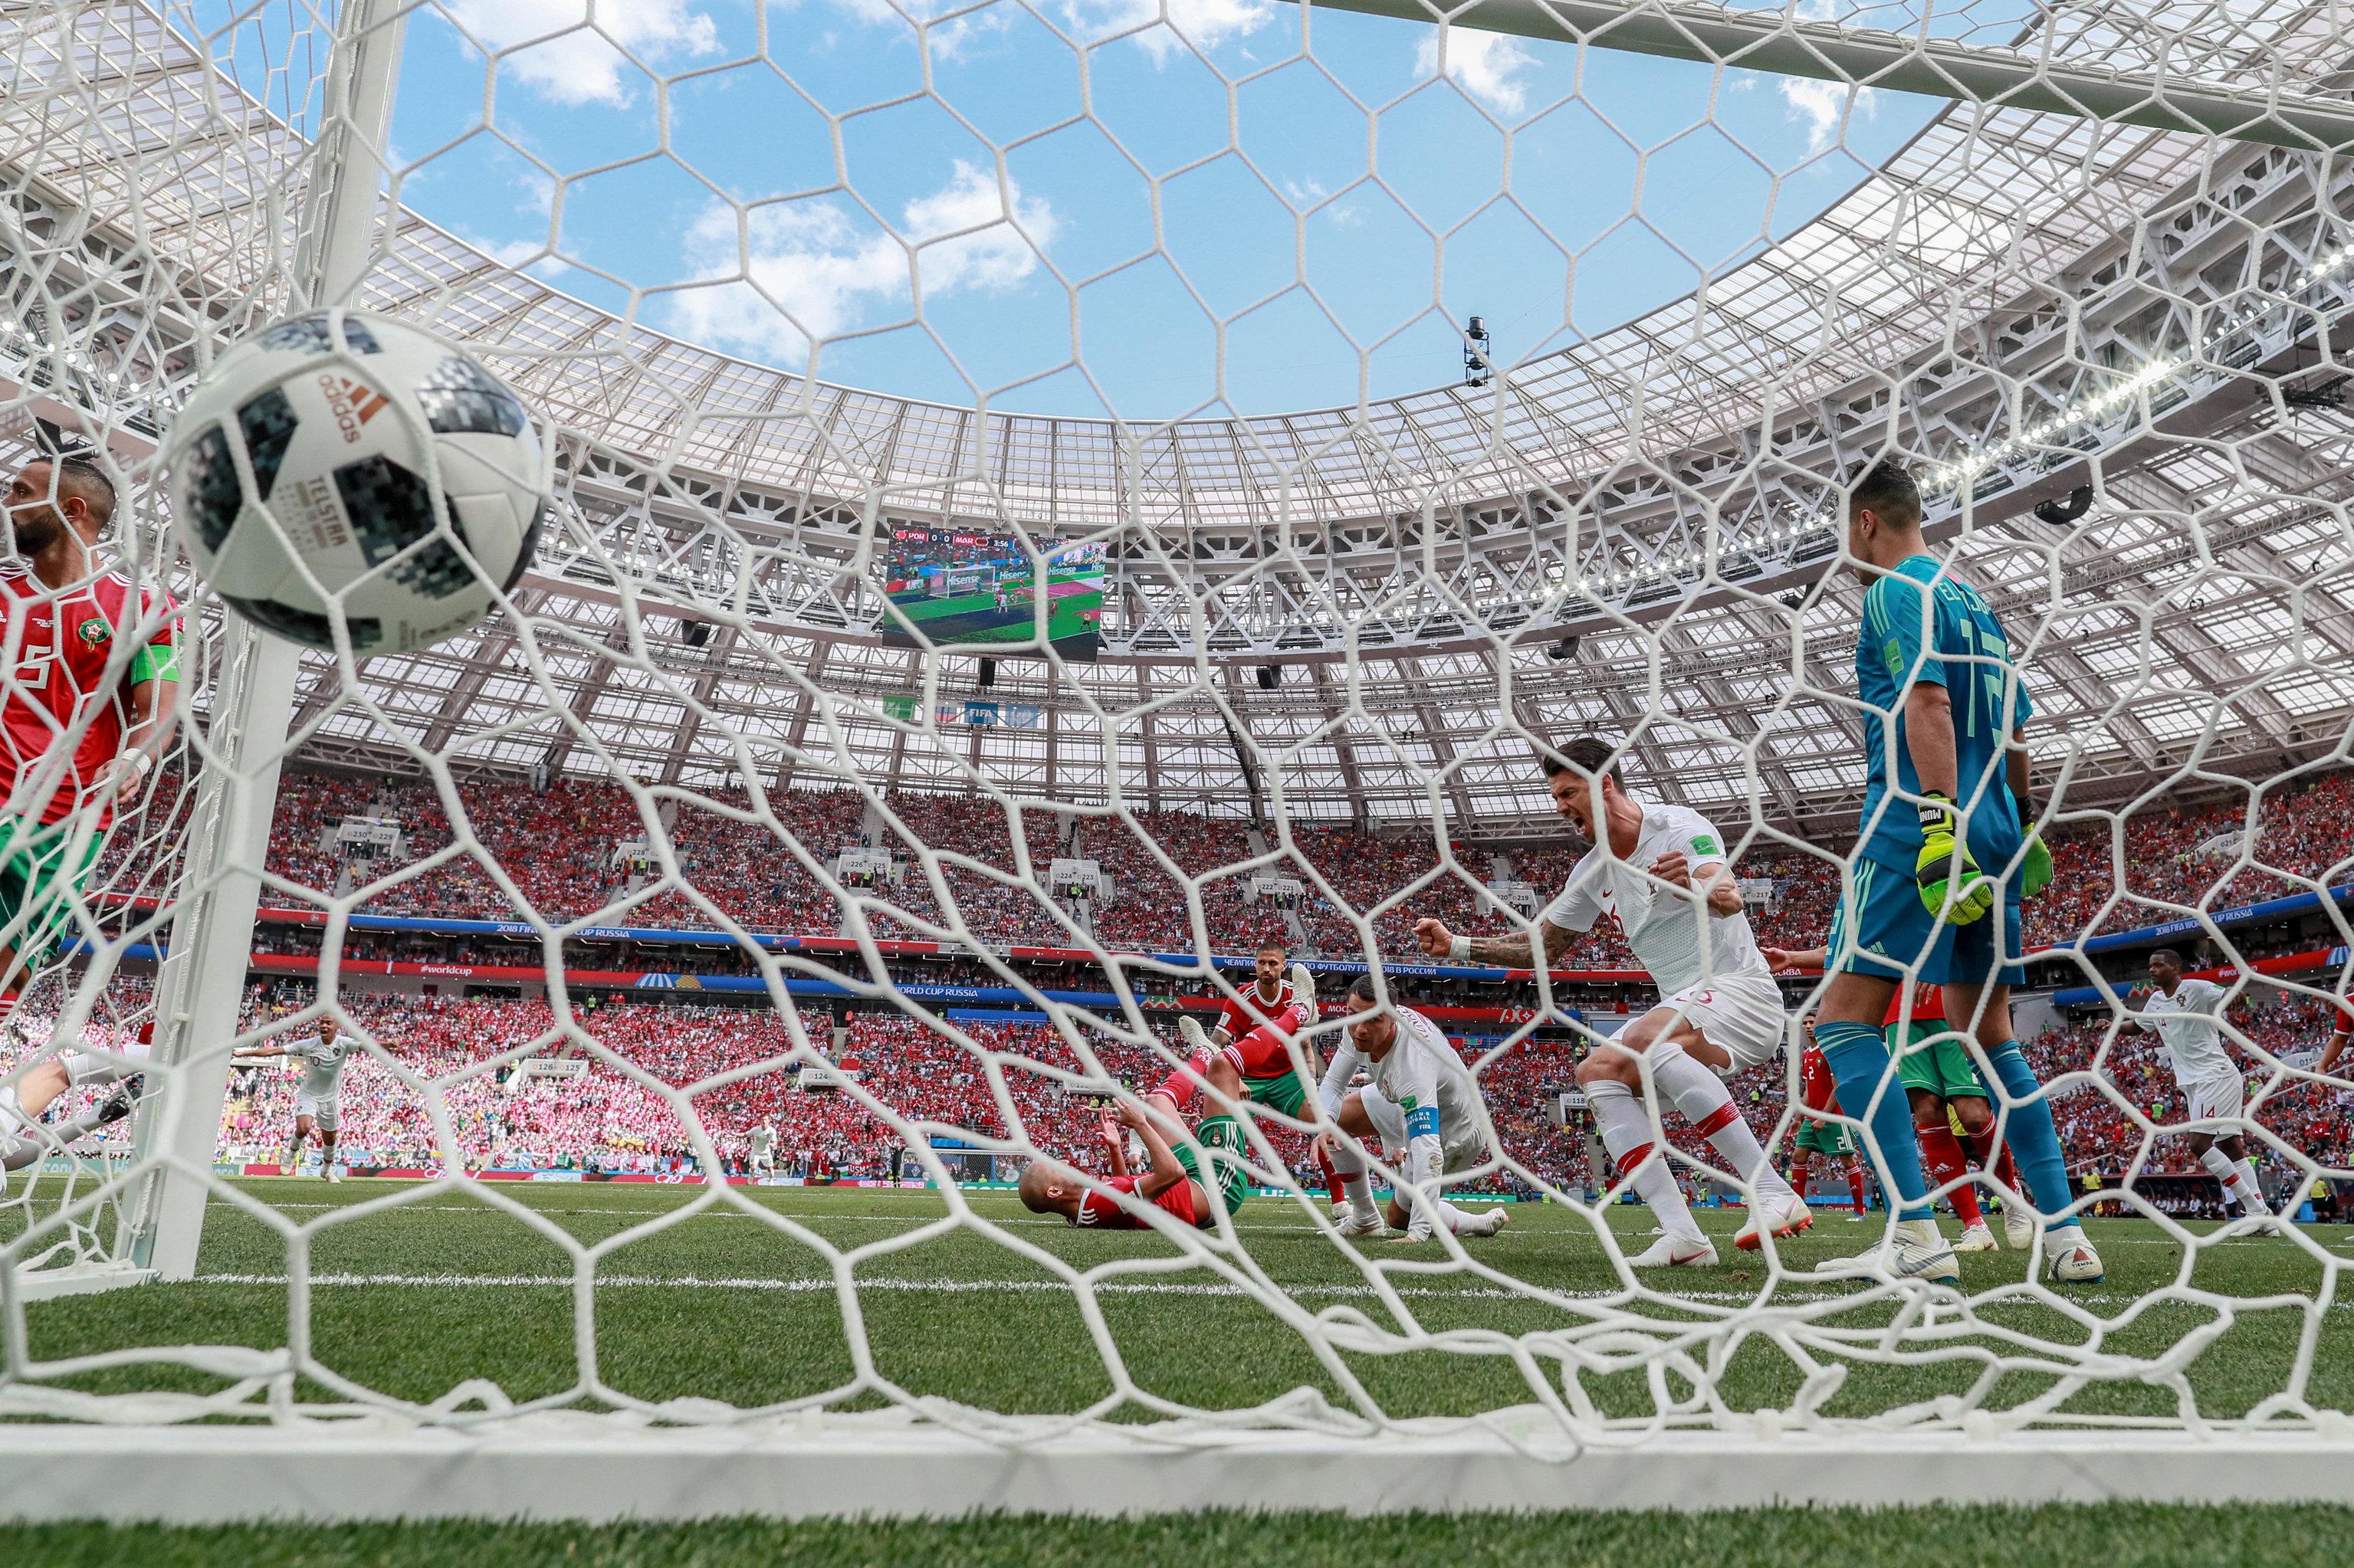 Cristiano Ronaldo anota un gol en el partido Portugal-Marruecos, por la fase de grupos de Rusia 2018.